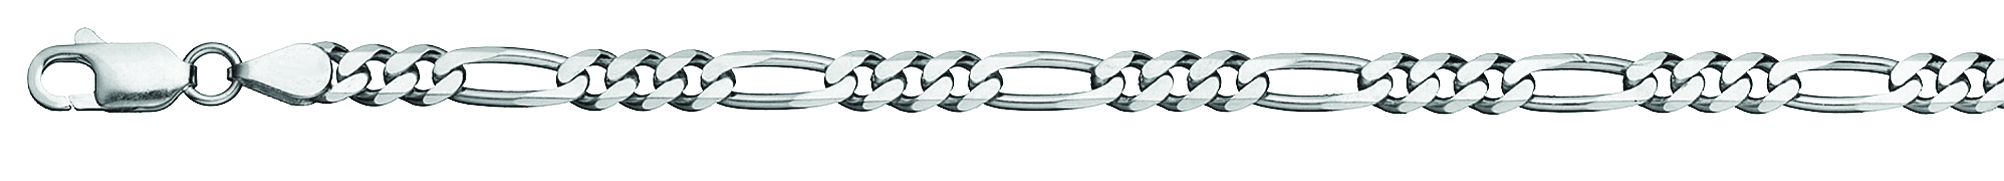 Aagaard Sølv armbånd - 1117150-21K 21 centimeter